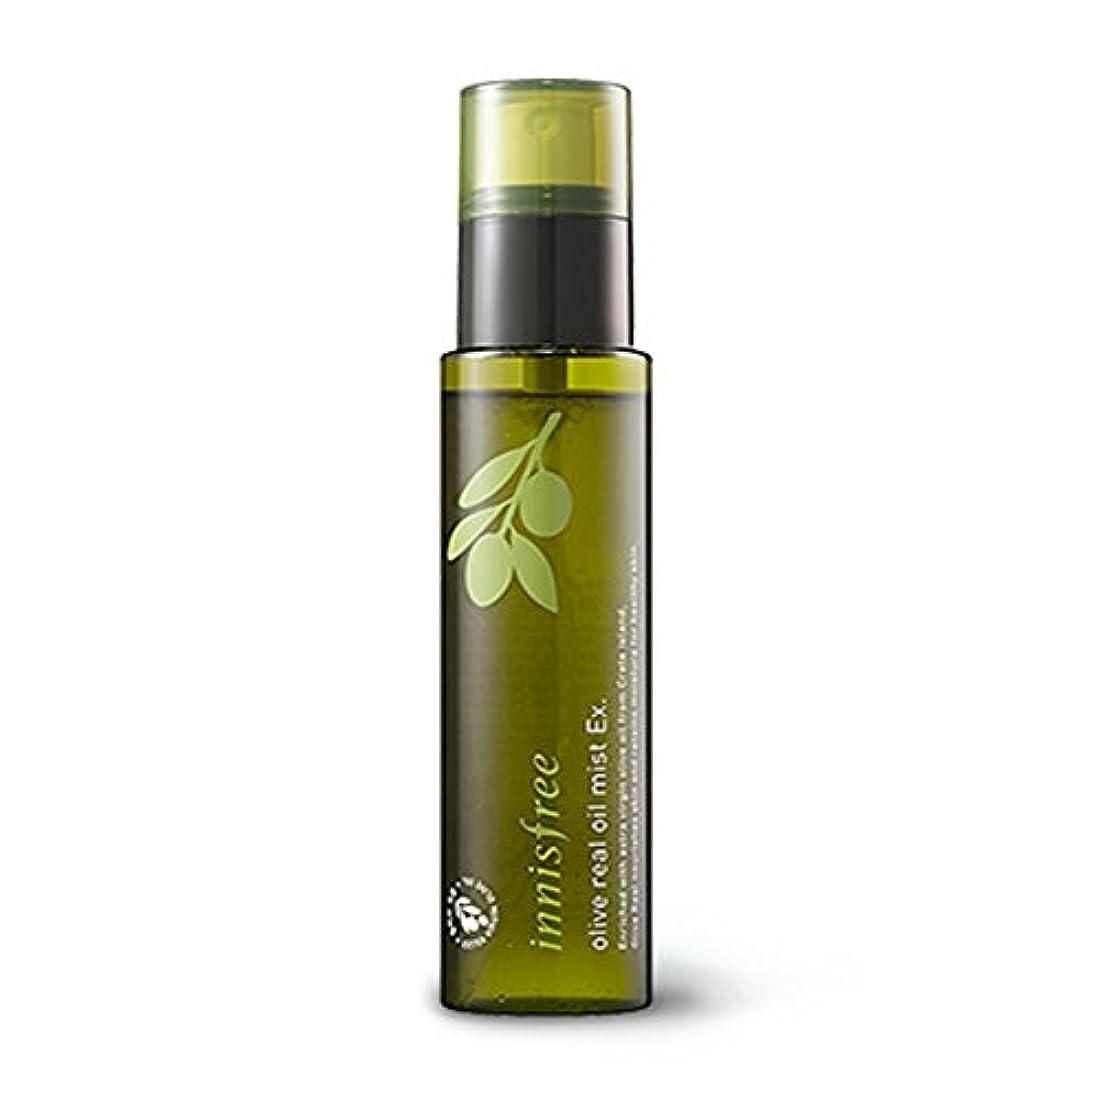 共和国ゆりかごパークイニスフリー オリーブリアルオイルミストEx。80ml Innisfree Olive Real Oil Mist Ex. 80ml [海外直送品][並行輸入品]